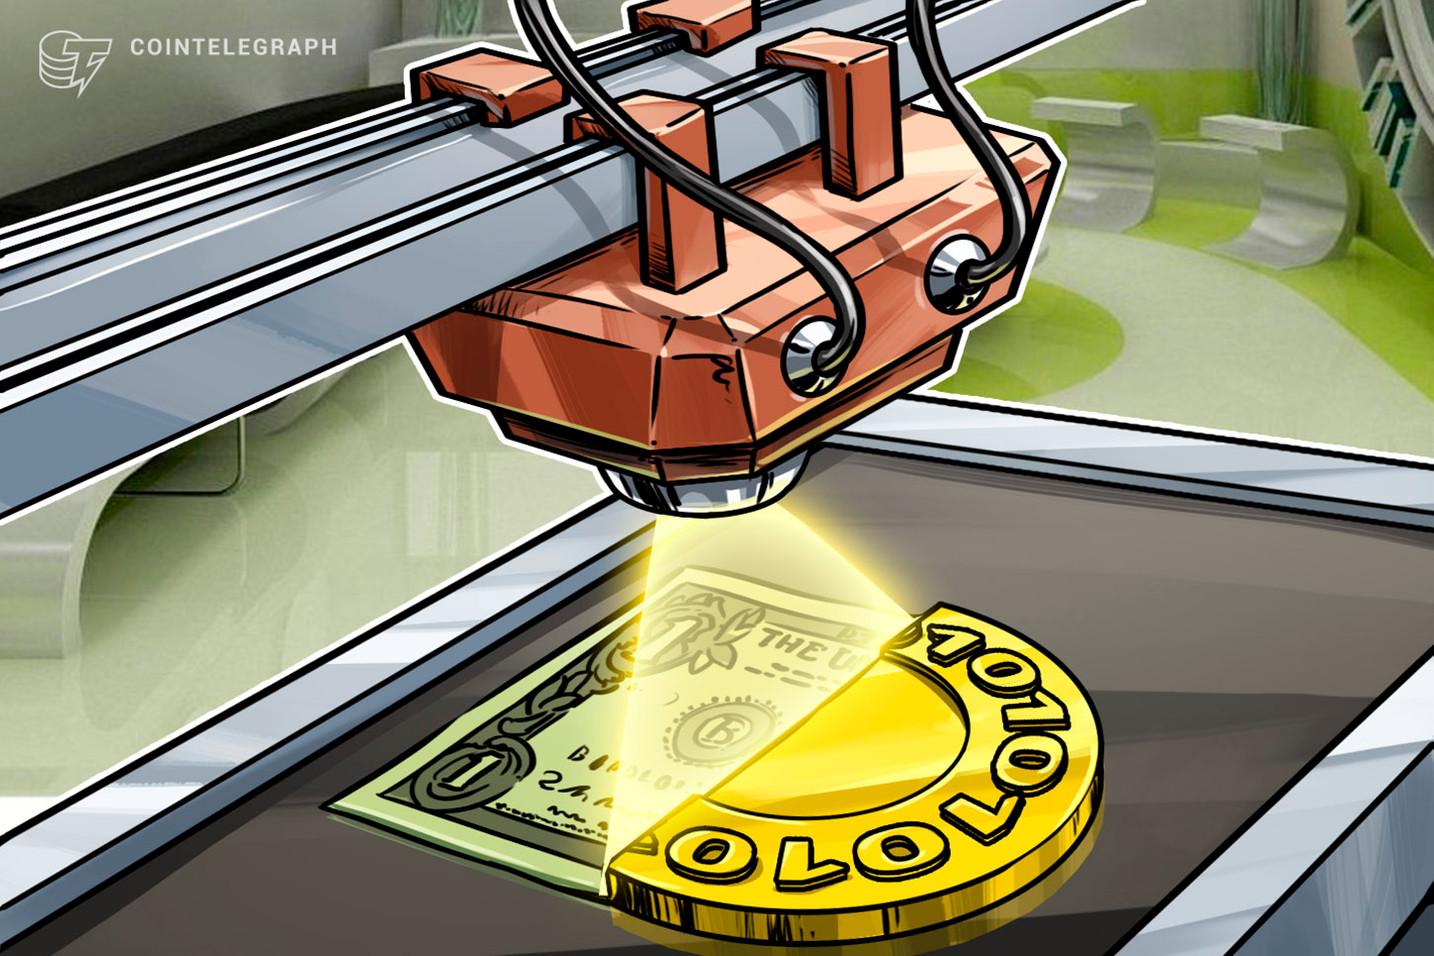 """المملكة المتحدة: بورصة العملات الورقية LMAX تُطلق خيارًا لتداول العملات الرقمية لتُضفي """"مزيدًا من الشرعية على السوق"""""""